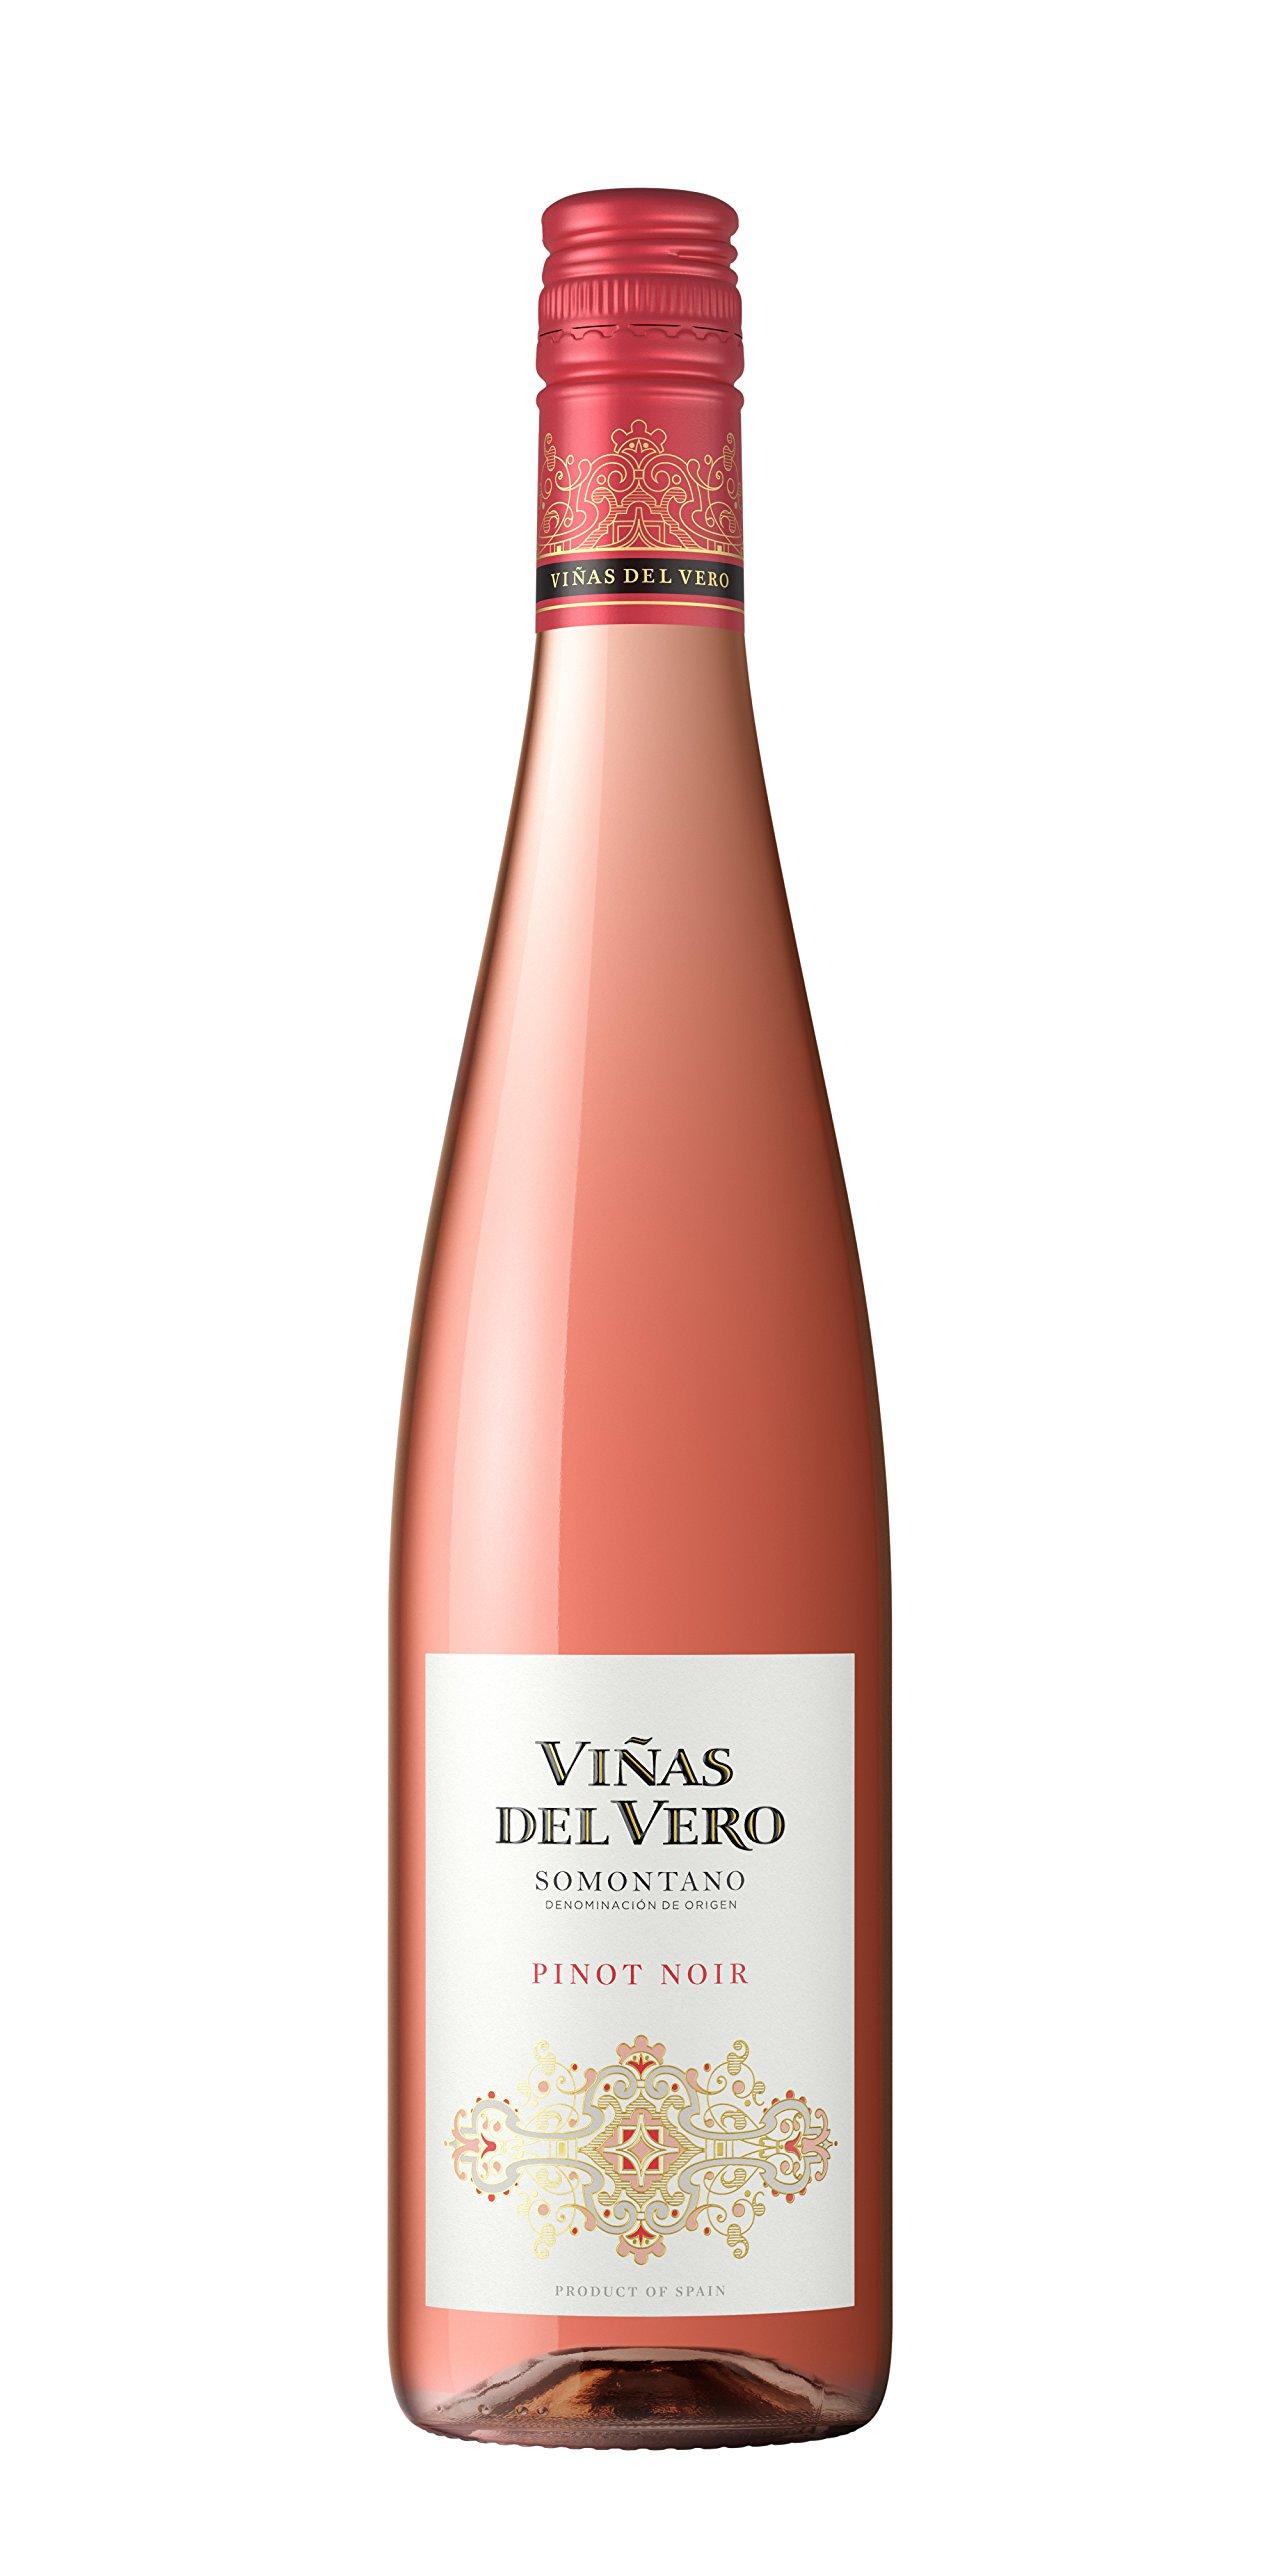 Viñas Del Vero Pinot Colección - Vino D.O. Somontano - 750 ml